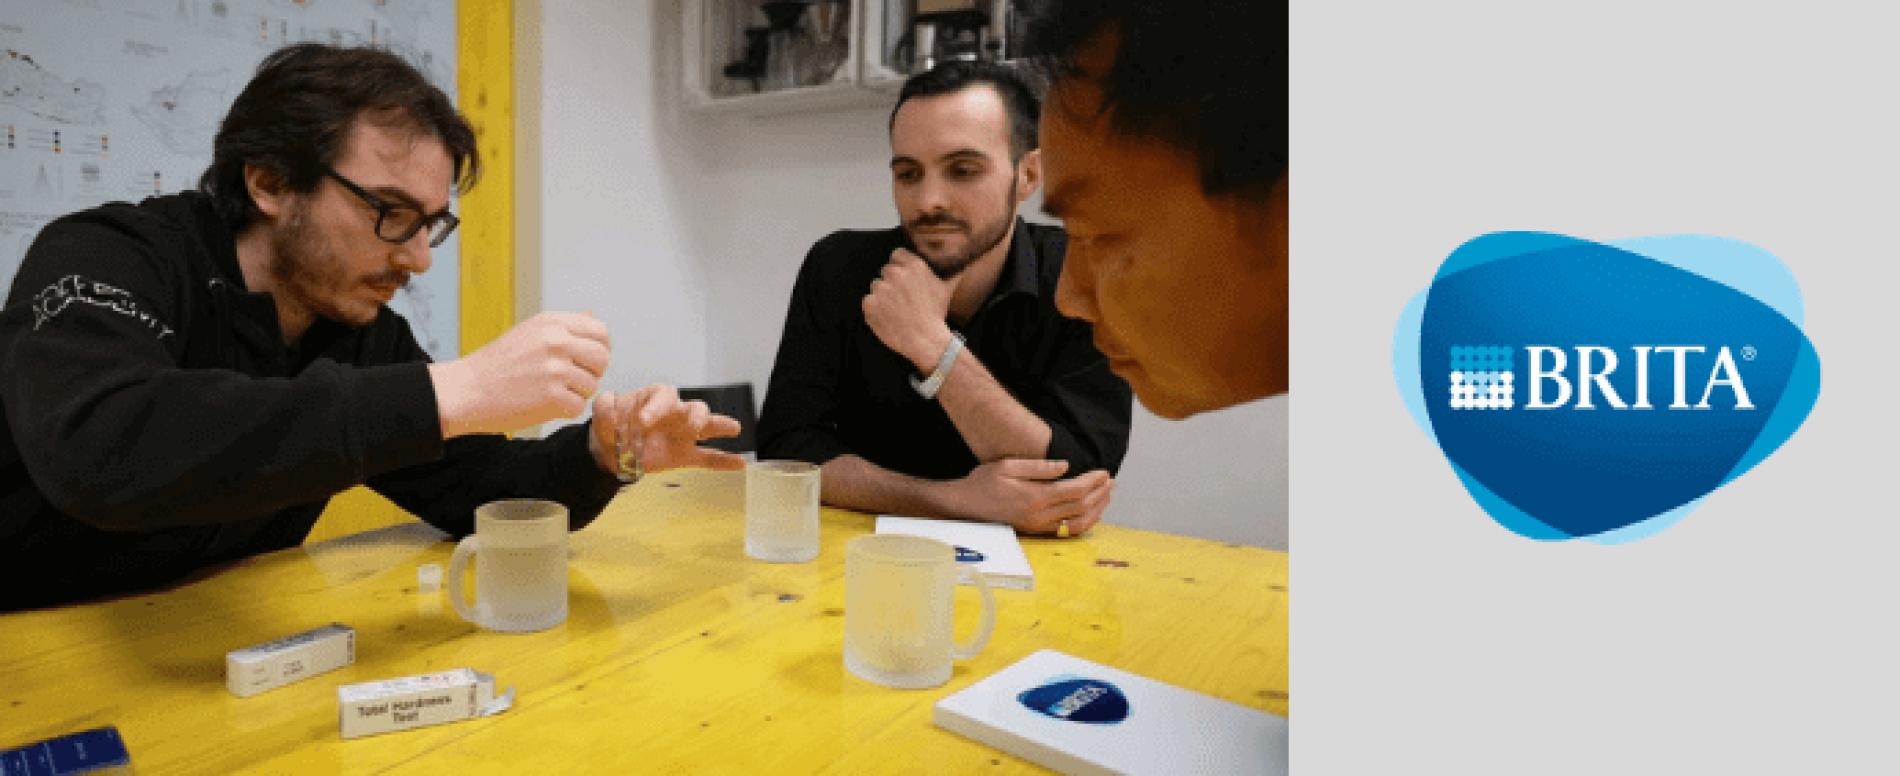 Un percorso formativo con Brita e la Coffee Training Academy